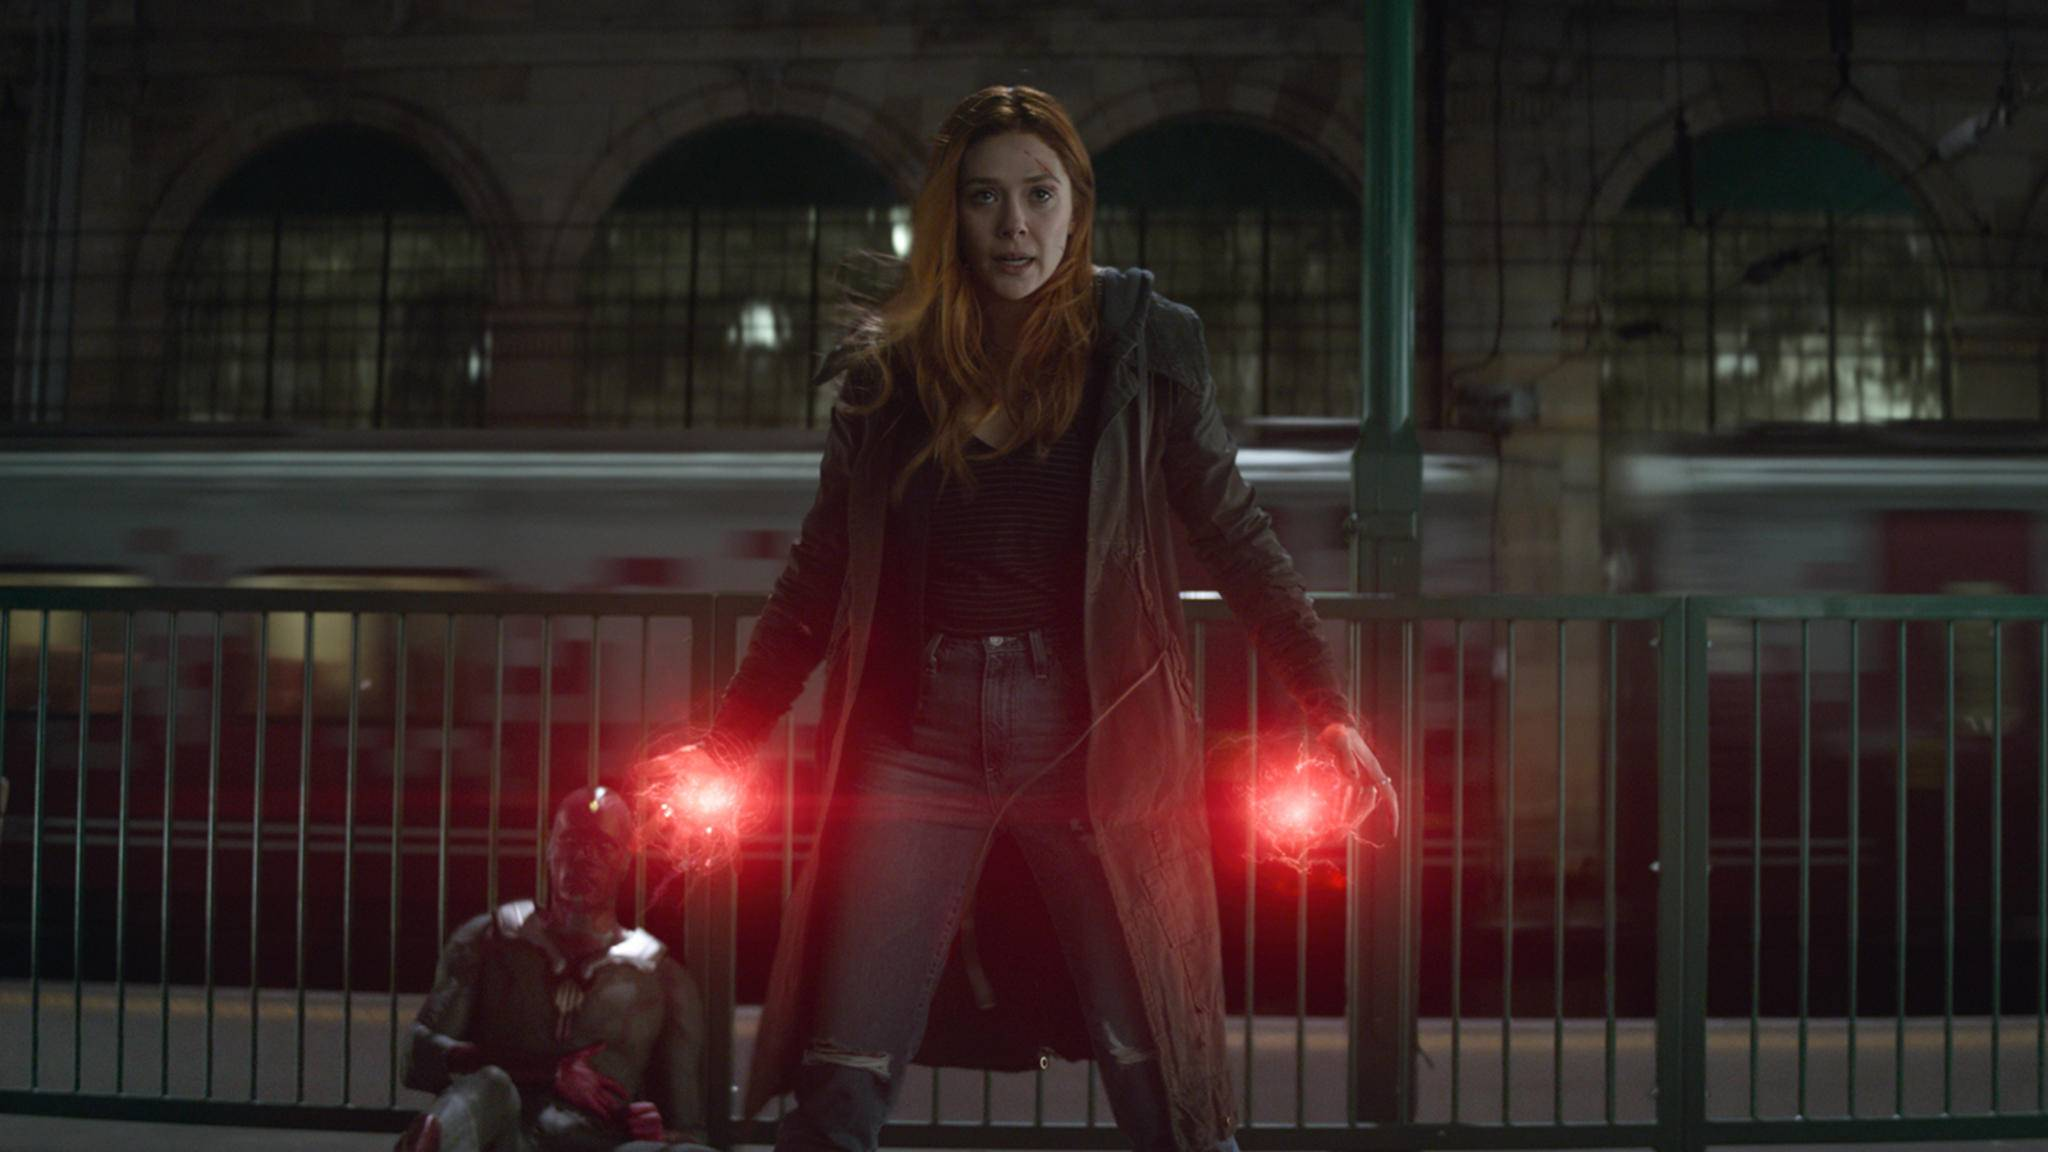 Nicht böse sein, Wanda! Aufgeschoben ist nicht aufgehoben.